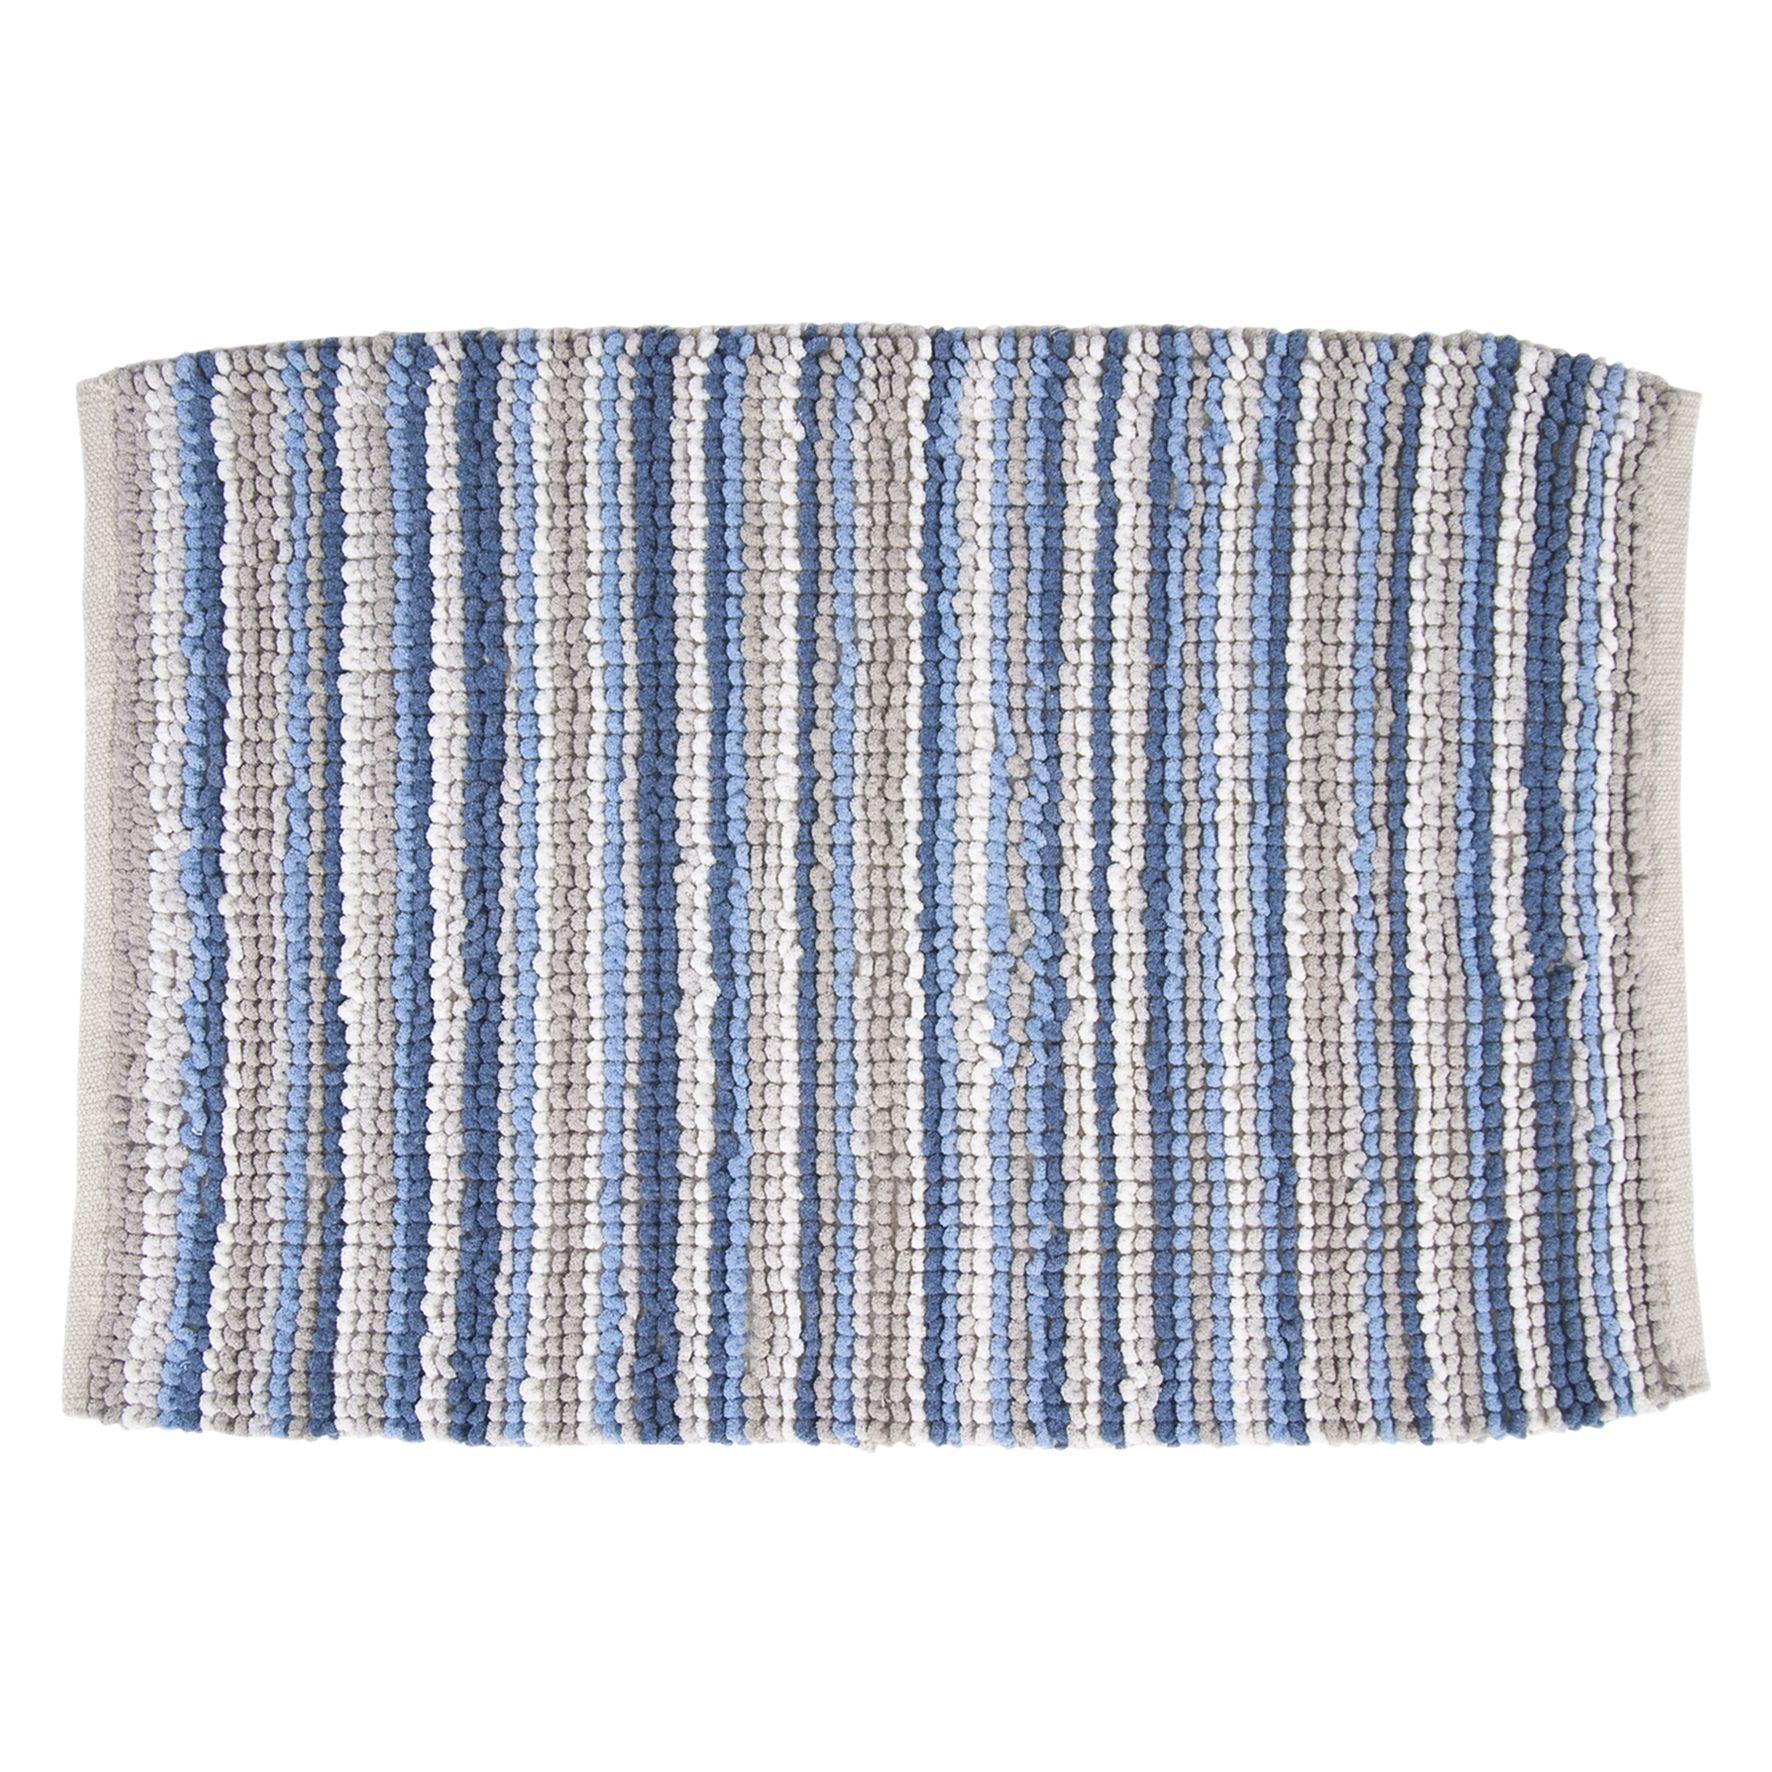 Differnz Orgio badmat 60x100 blauw/ecru